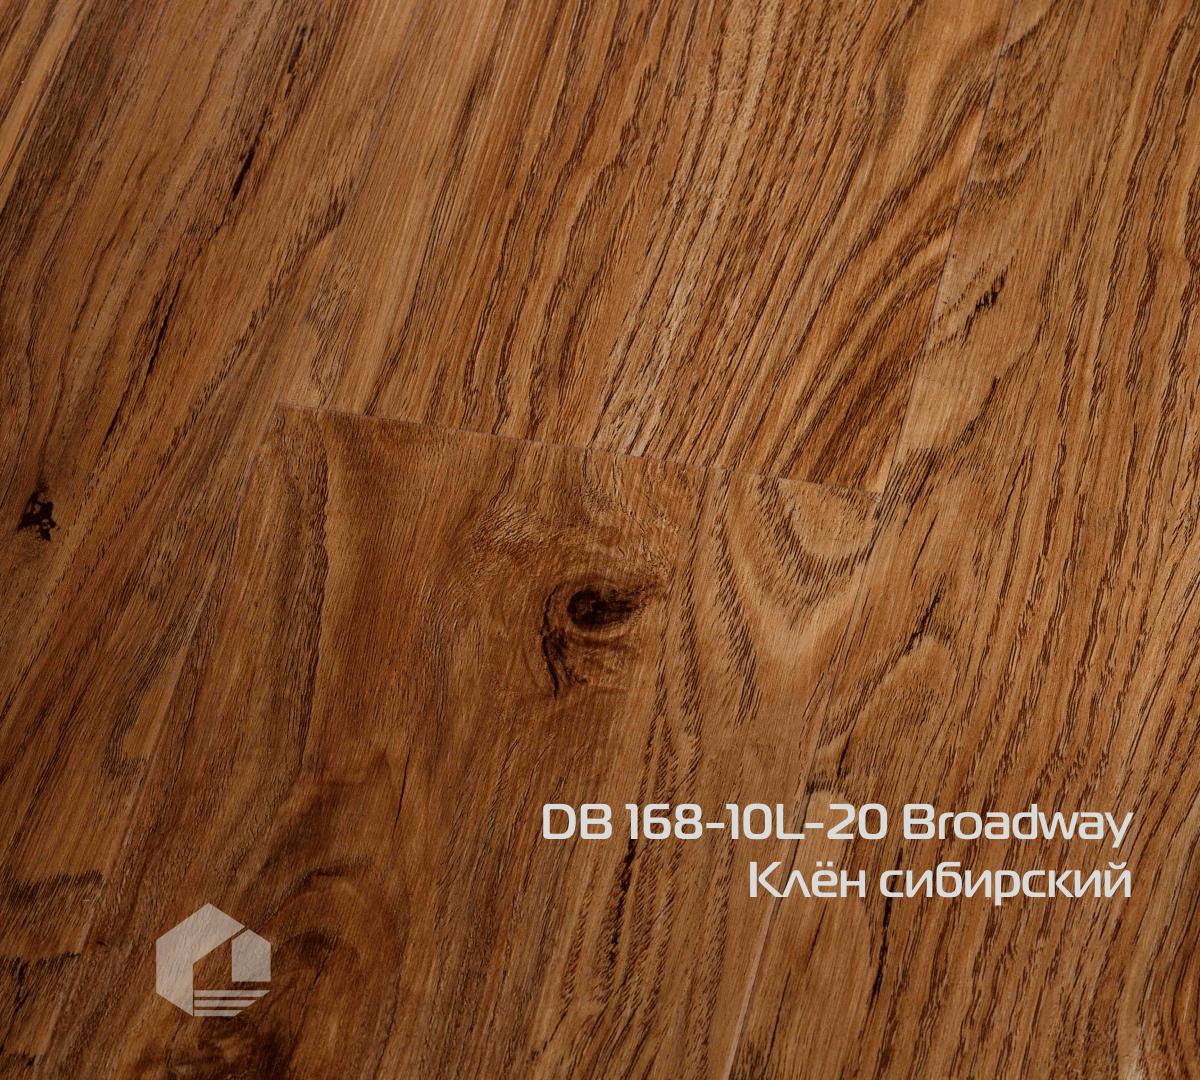 Кварцвиниловая плитка Wonderful Vinyl Floor Broadway DB 168-10L-20 Клён сибирский